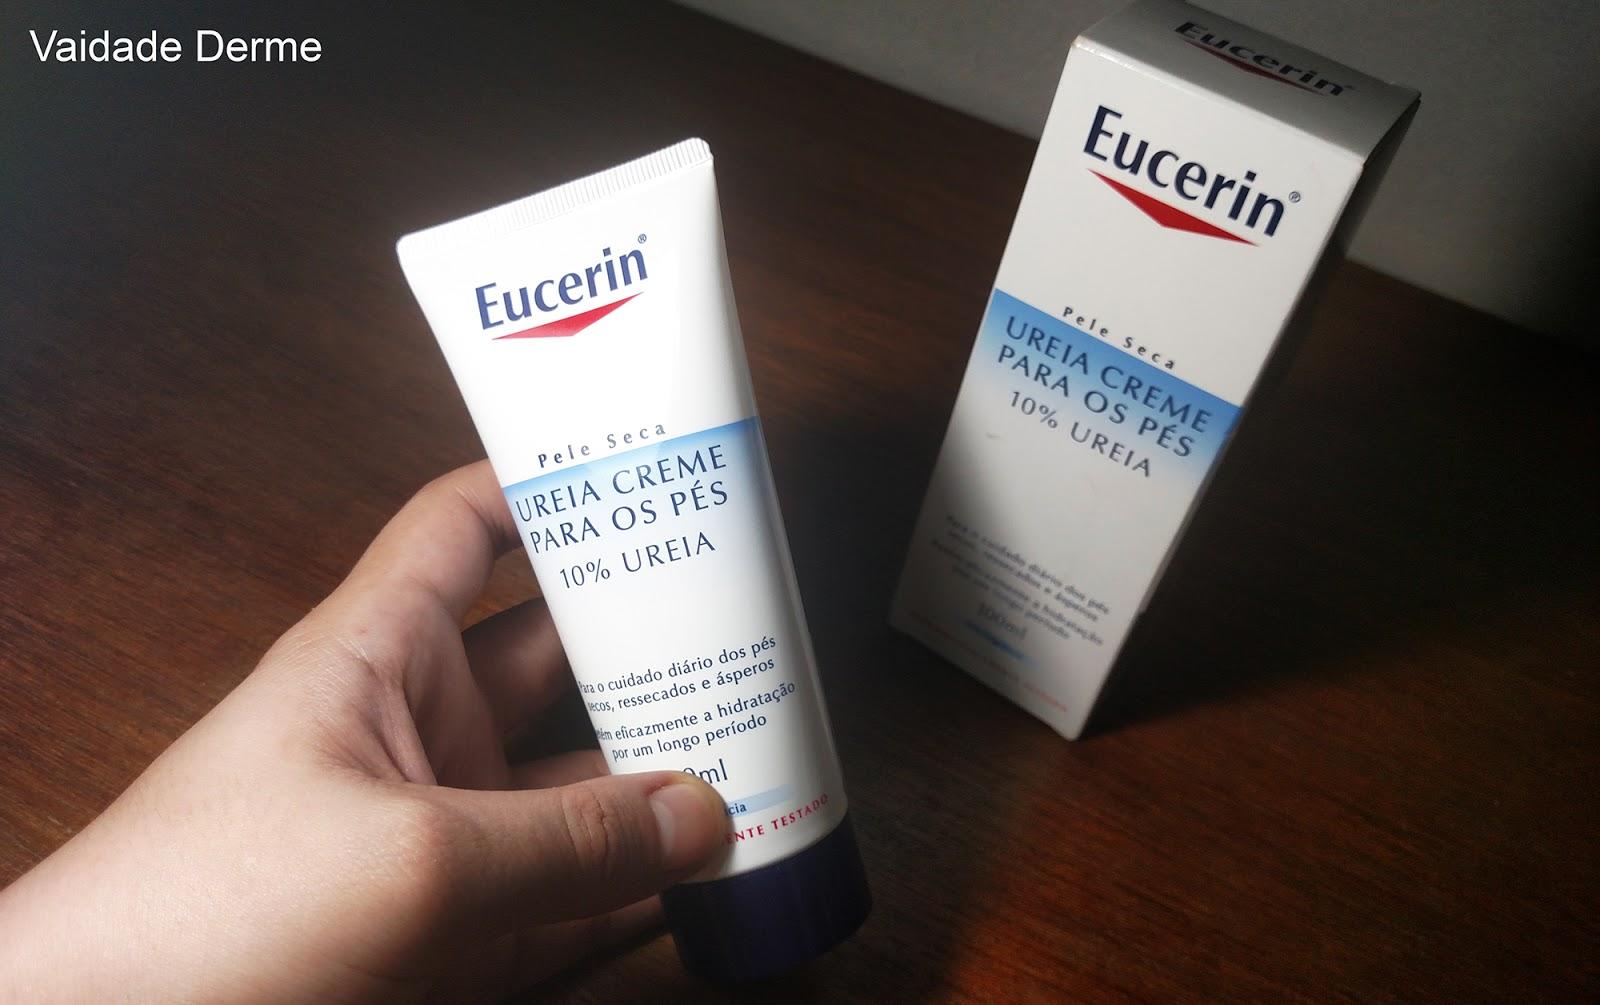 Eucerin Creme para os Pés Pele Seca 10% Uréia